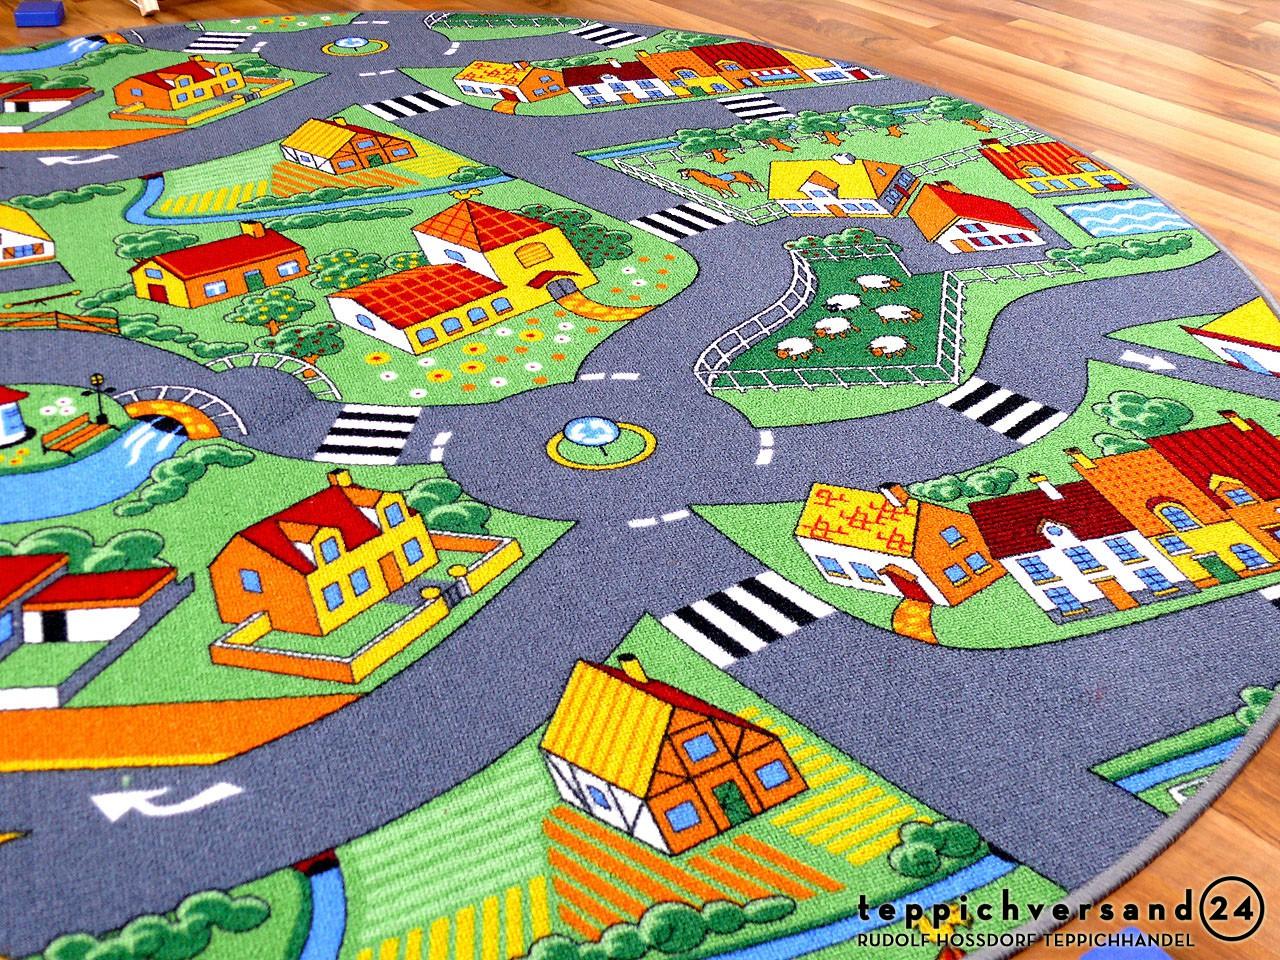 kinder spiel teppich little village gr n rund in 7 gr en teppiche kinder und spielteppiche. Black Bedroom Furniture Sets. Home Design Ideas